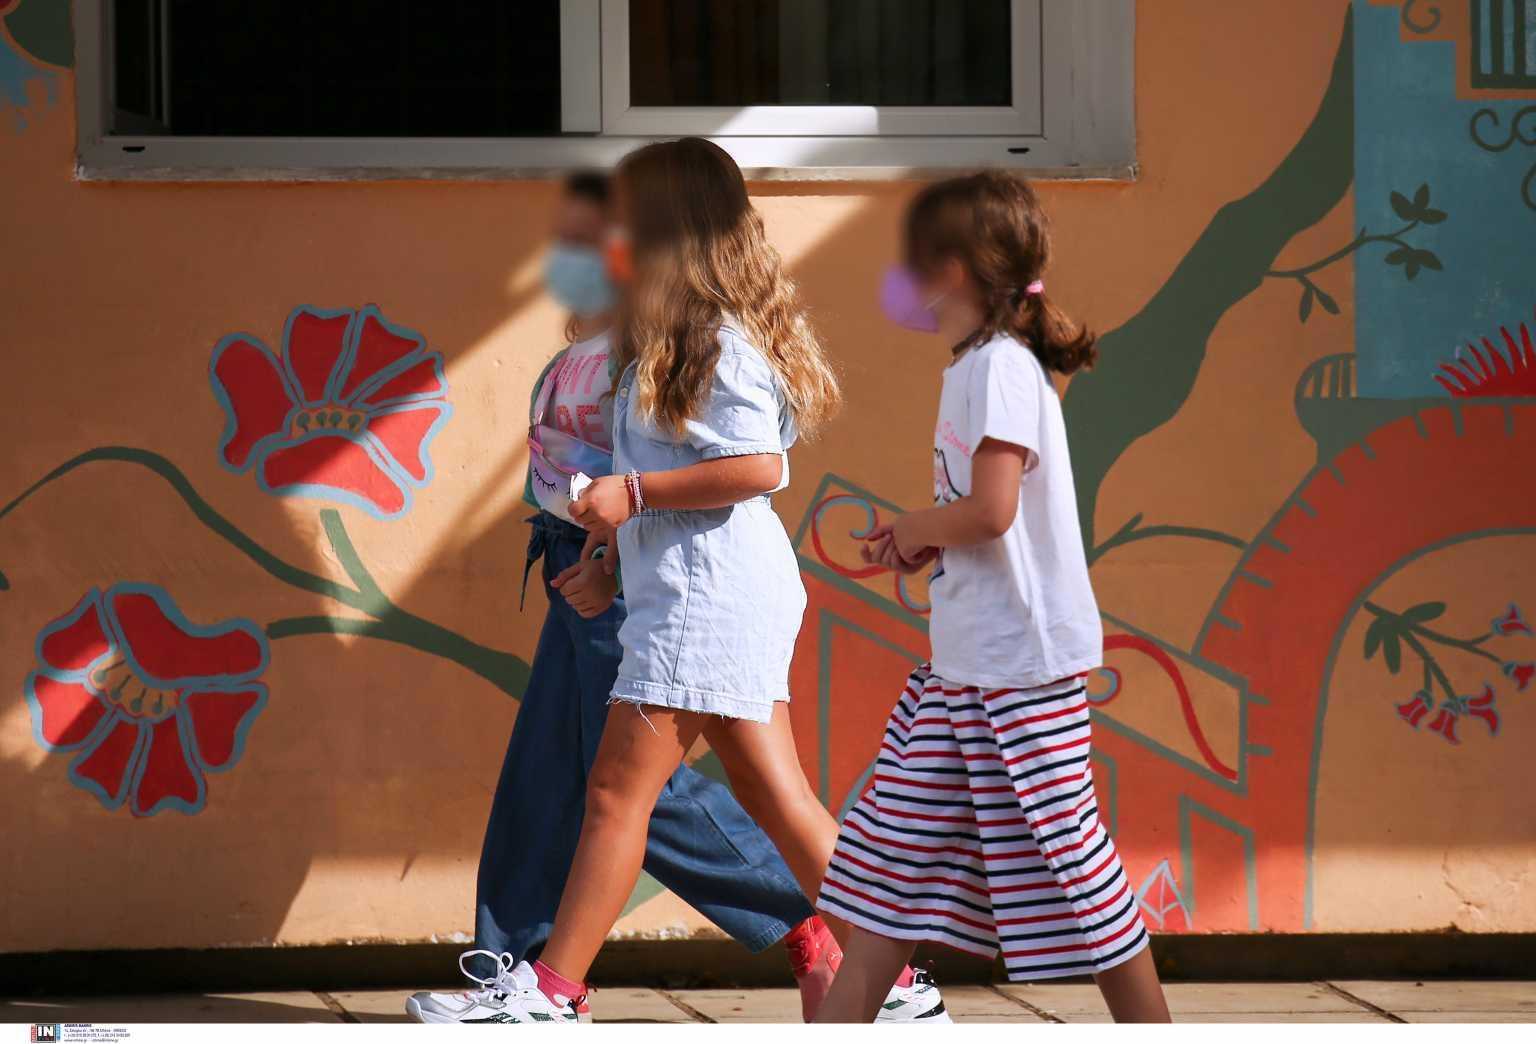 Κορονοϊός: Παιδιά ένα στα τέσσερα κρούσματα την τελευταία εβδομάδα – Ποιο το ποσοστό θετικότητας